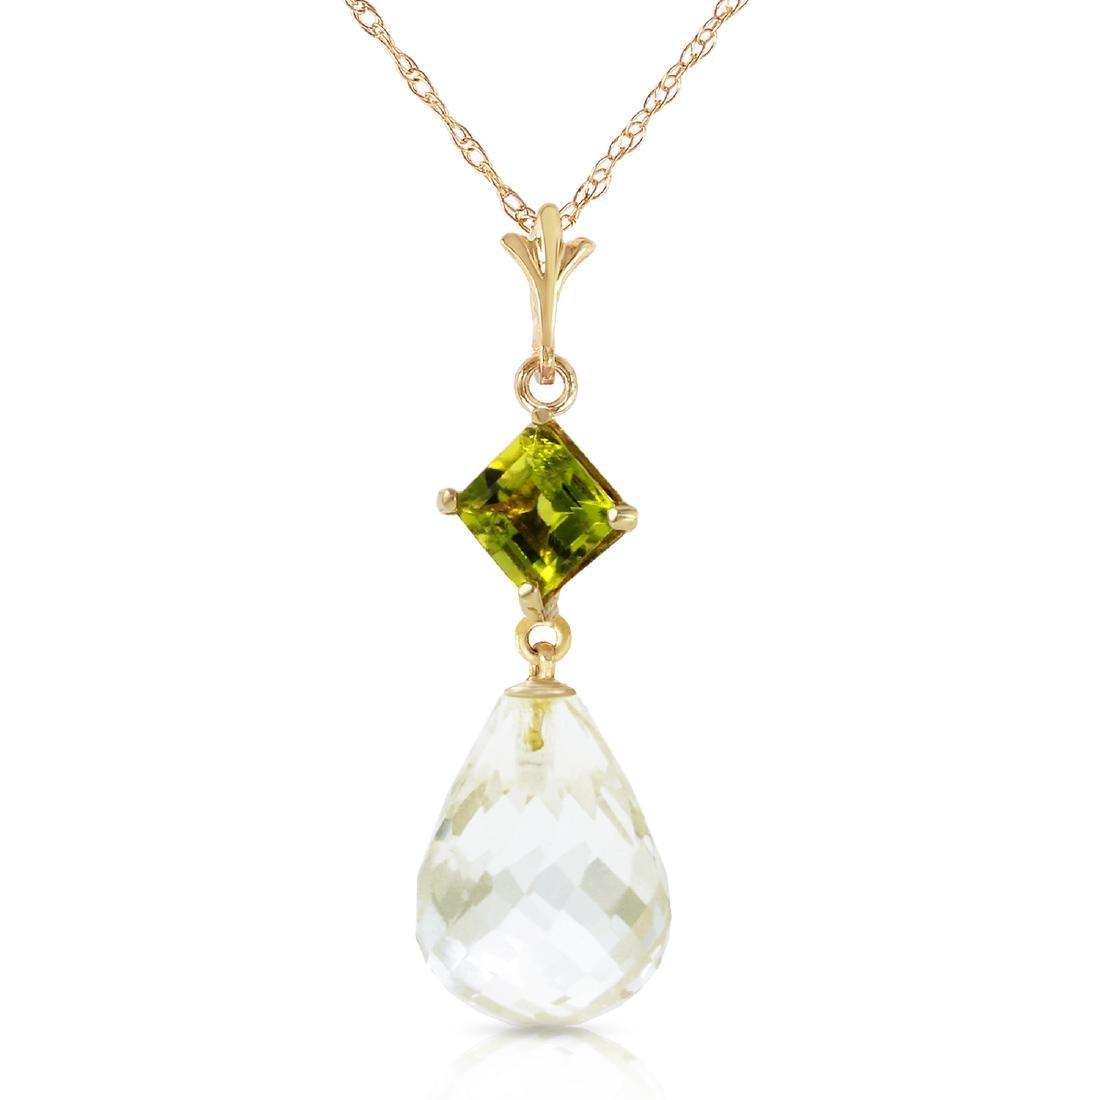 Genuine 5.5 ctw White Topaz & Peridot Necklace Jewelry